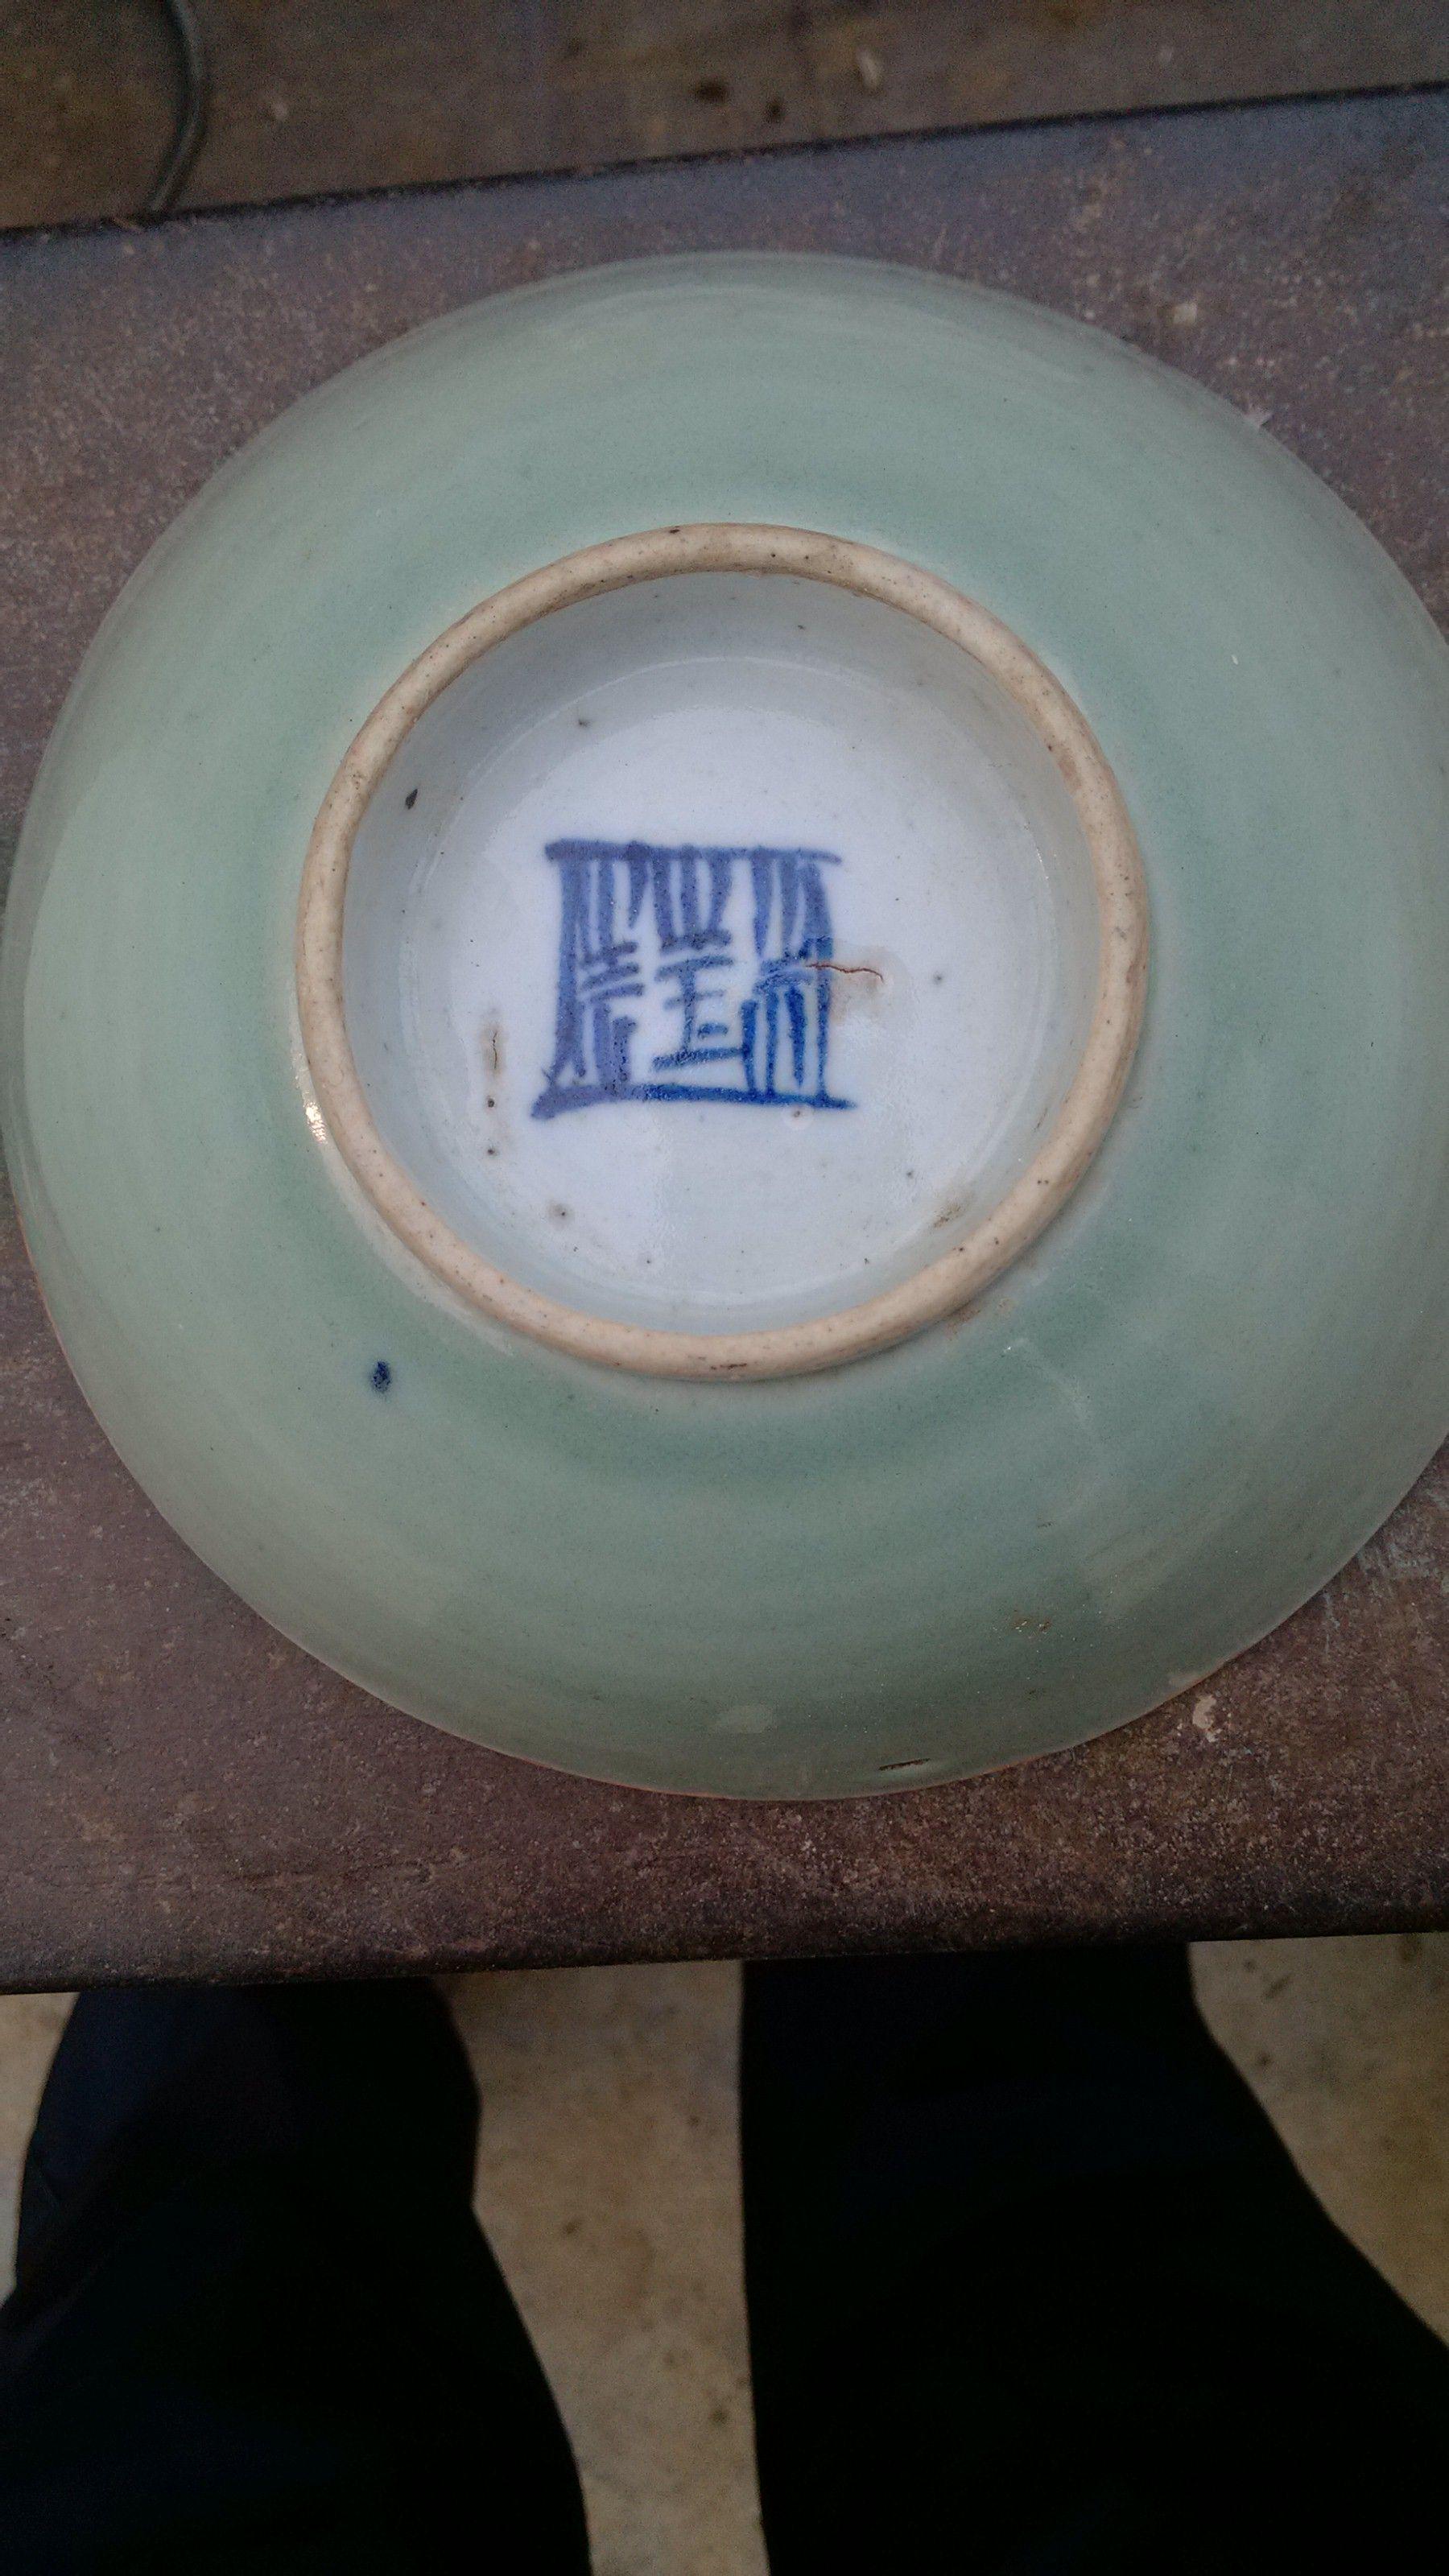 请收藏专家帮我鉴定一下这些古代的瓷碗和磁碟有没有收藏价值?图片